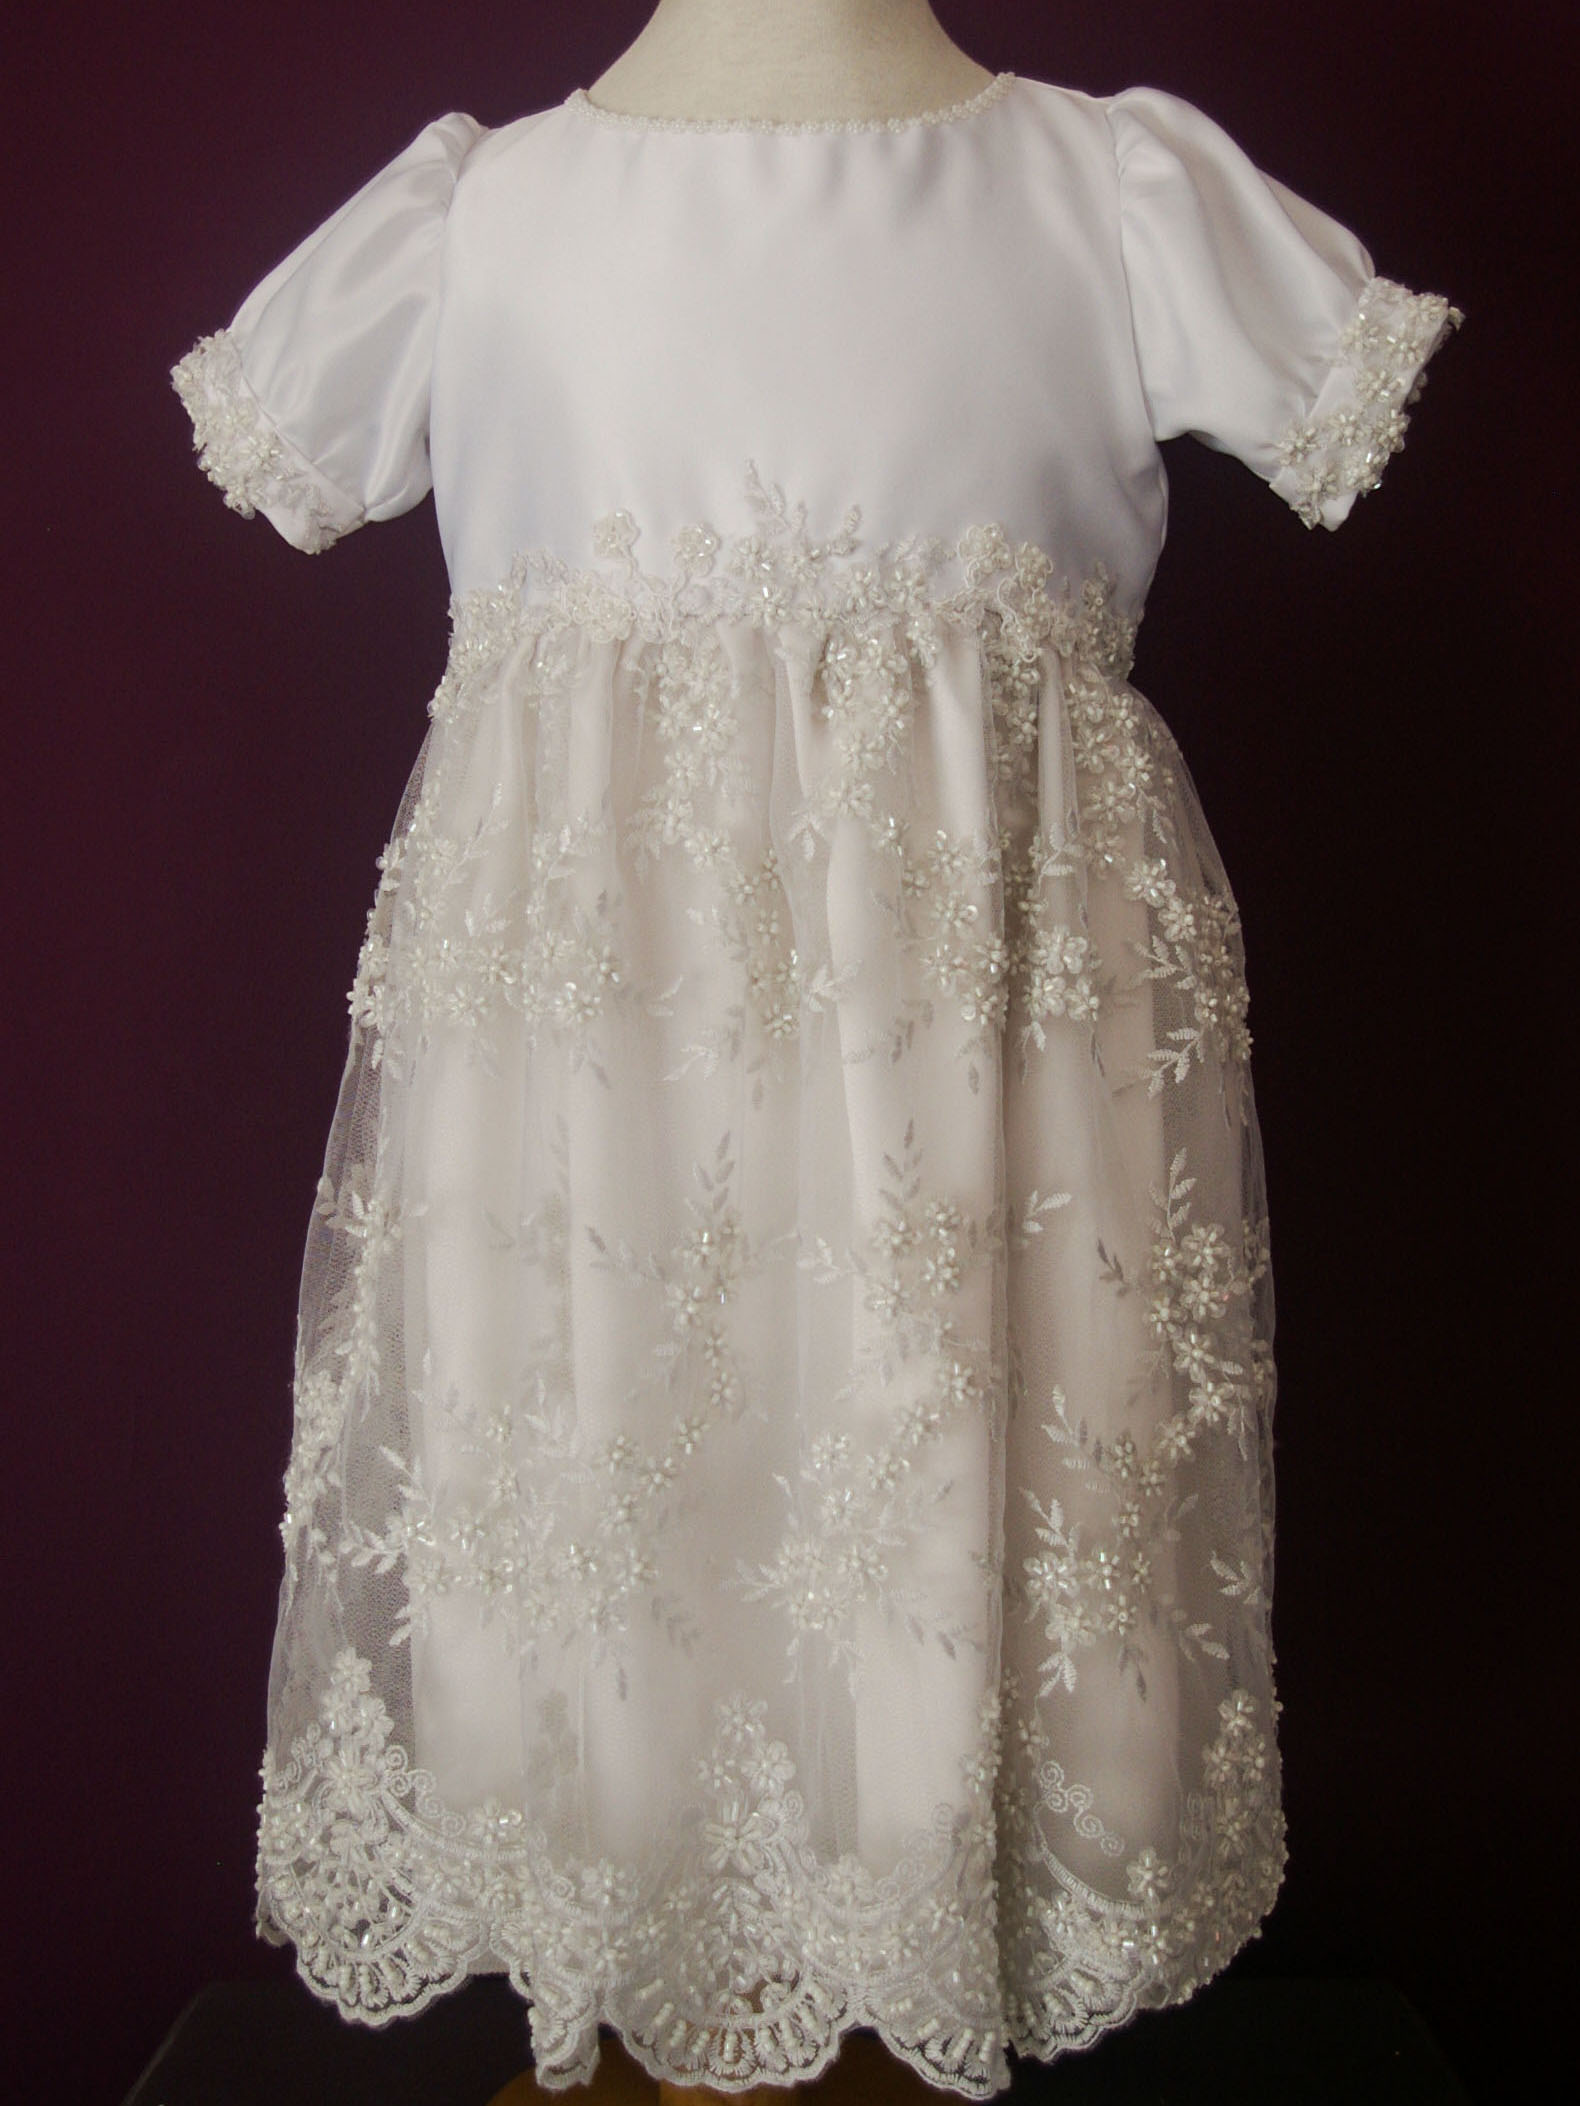 ab4b87541 Diseño Carlota - Vestido para niña con manga corta en raso de seda y falda  de tul bordado con hilo y pedrería. Finos detalles de florcitas bordadas a  mano ...